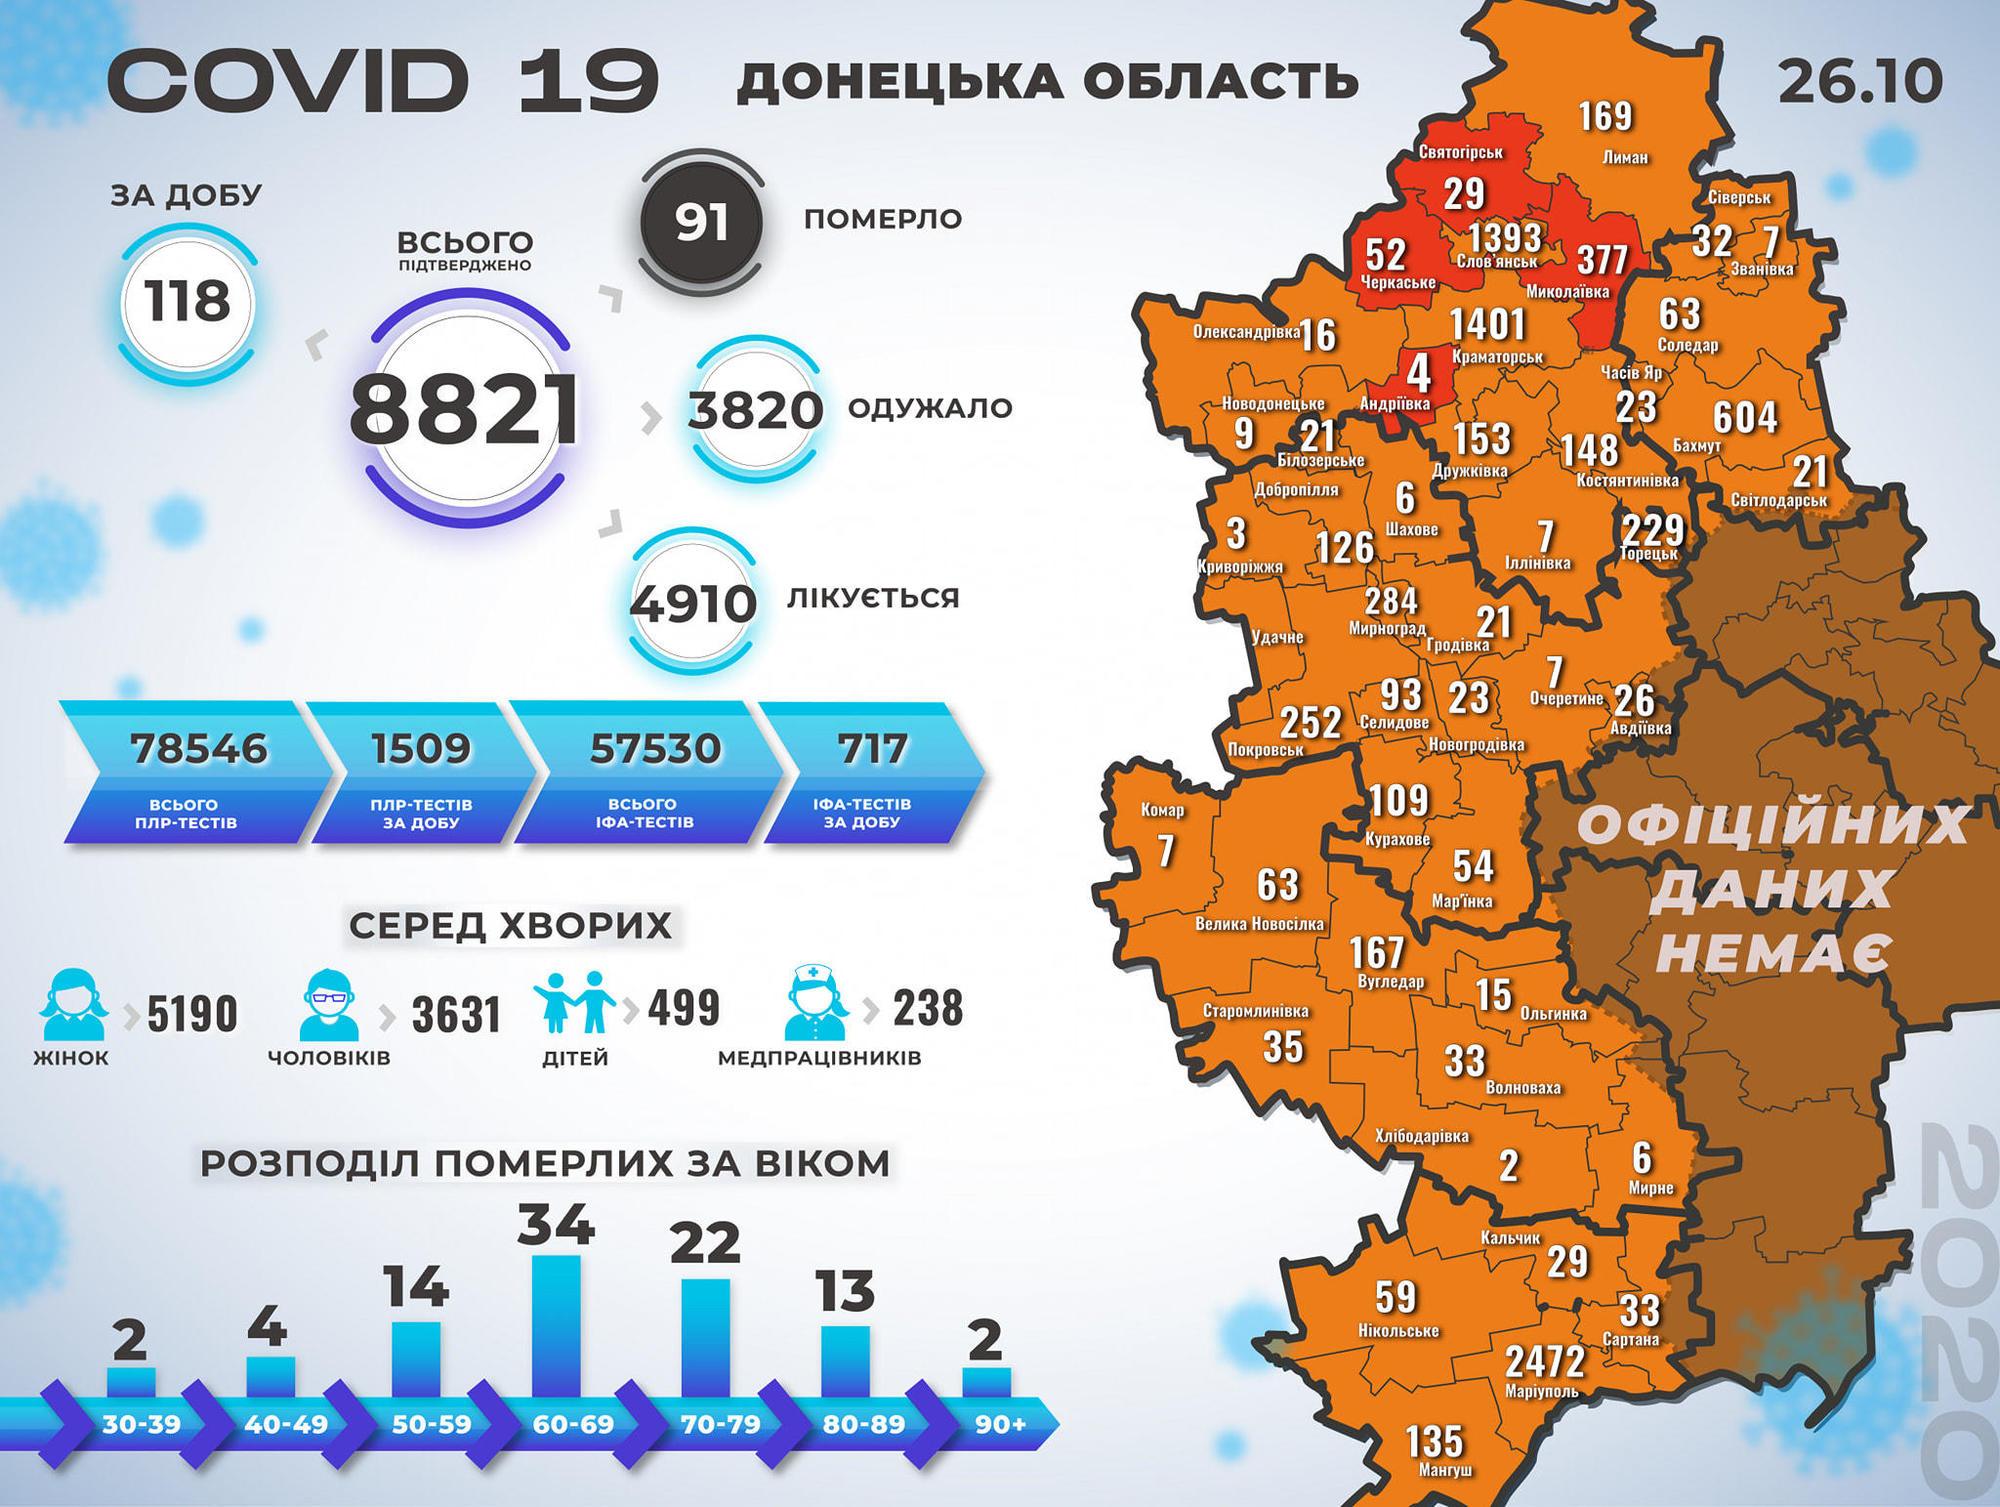 коронавирус инфографика Донецкая область заболеваемость 27 октября